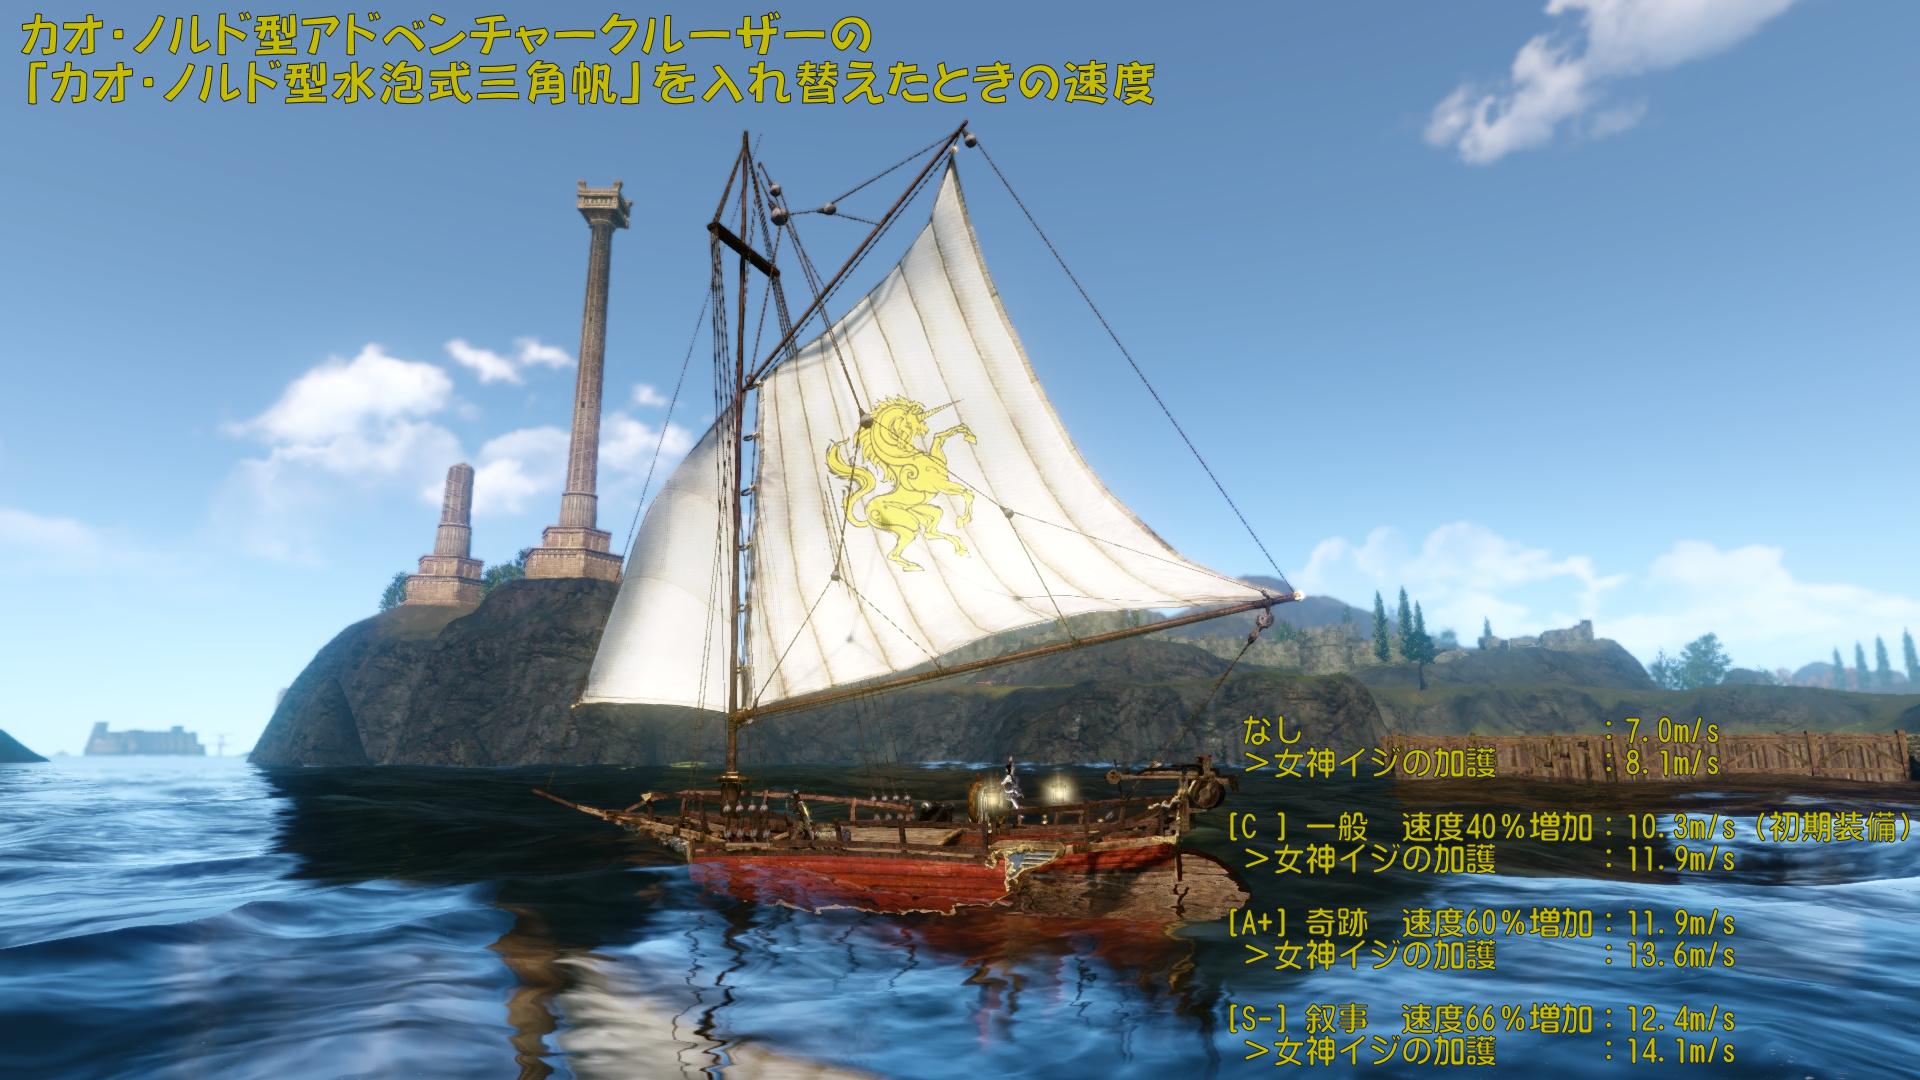 カオ・ノルド型アドベンチャークルーザー 帆の違いの速度